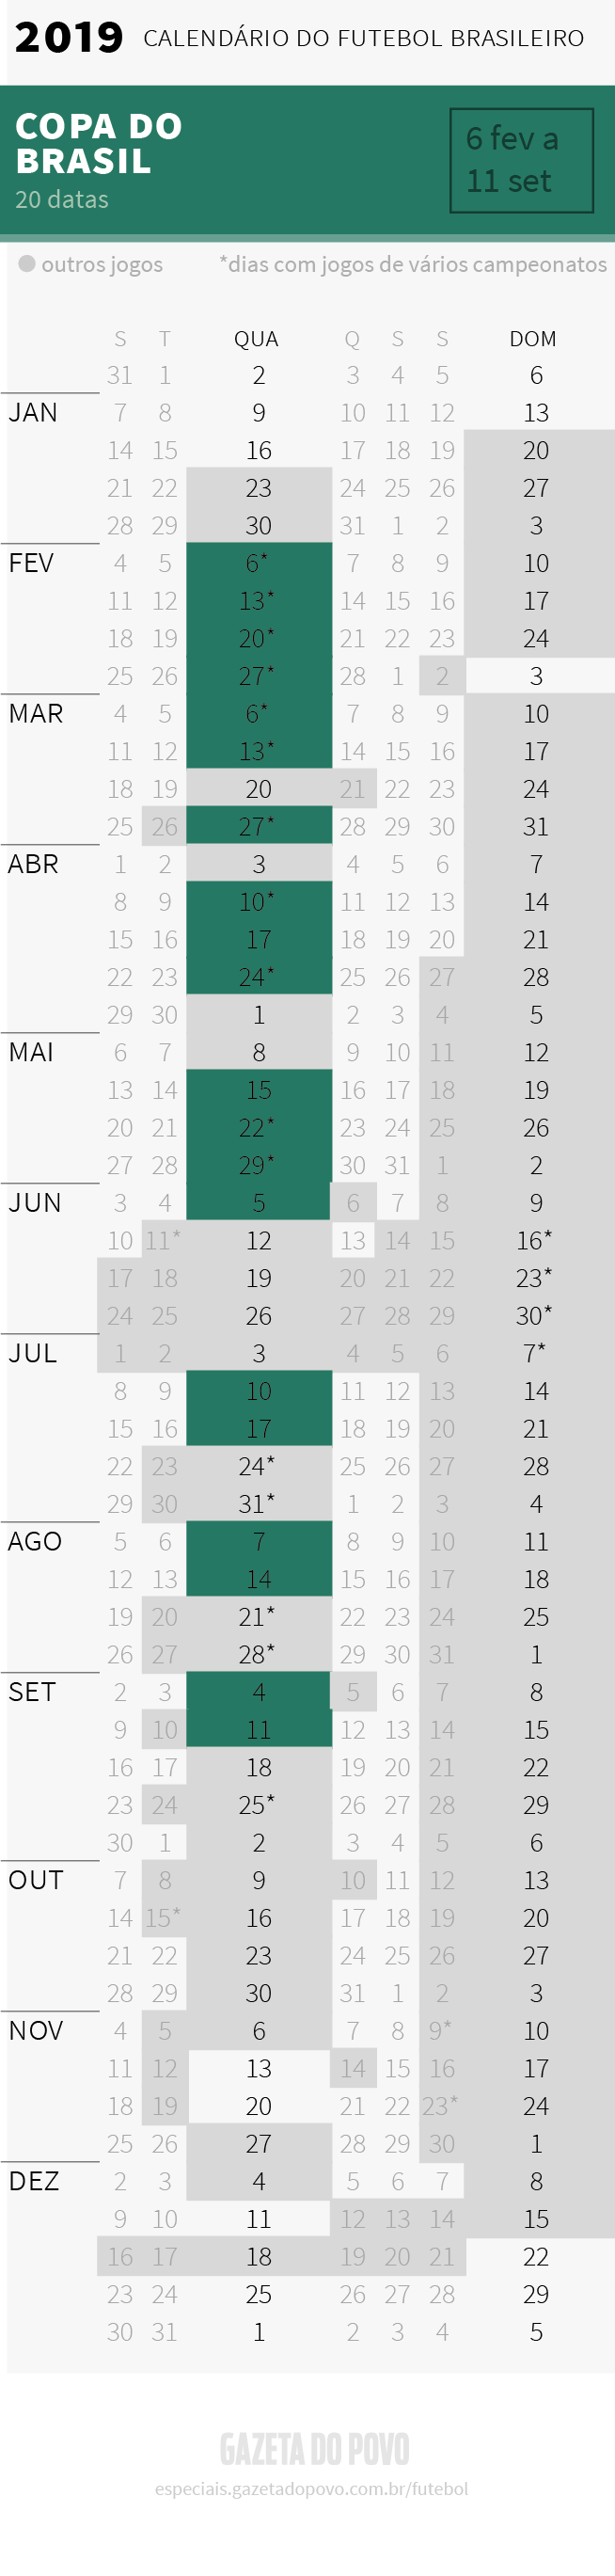 Calendário semanal da Copa do Brasil 2019 com a data de todos os jogos. A Copa do Brasil começa em 6 de fevereiro.